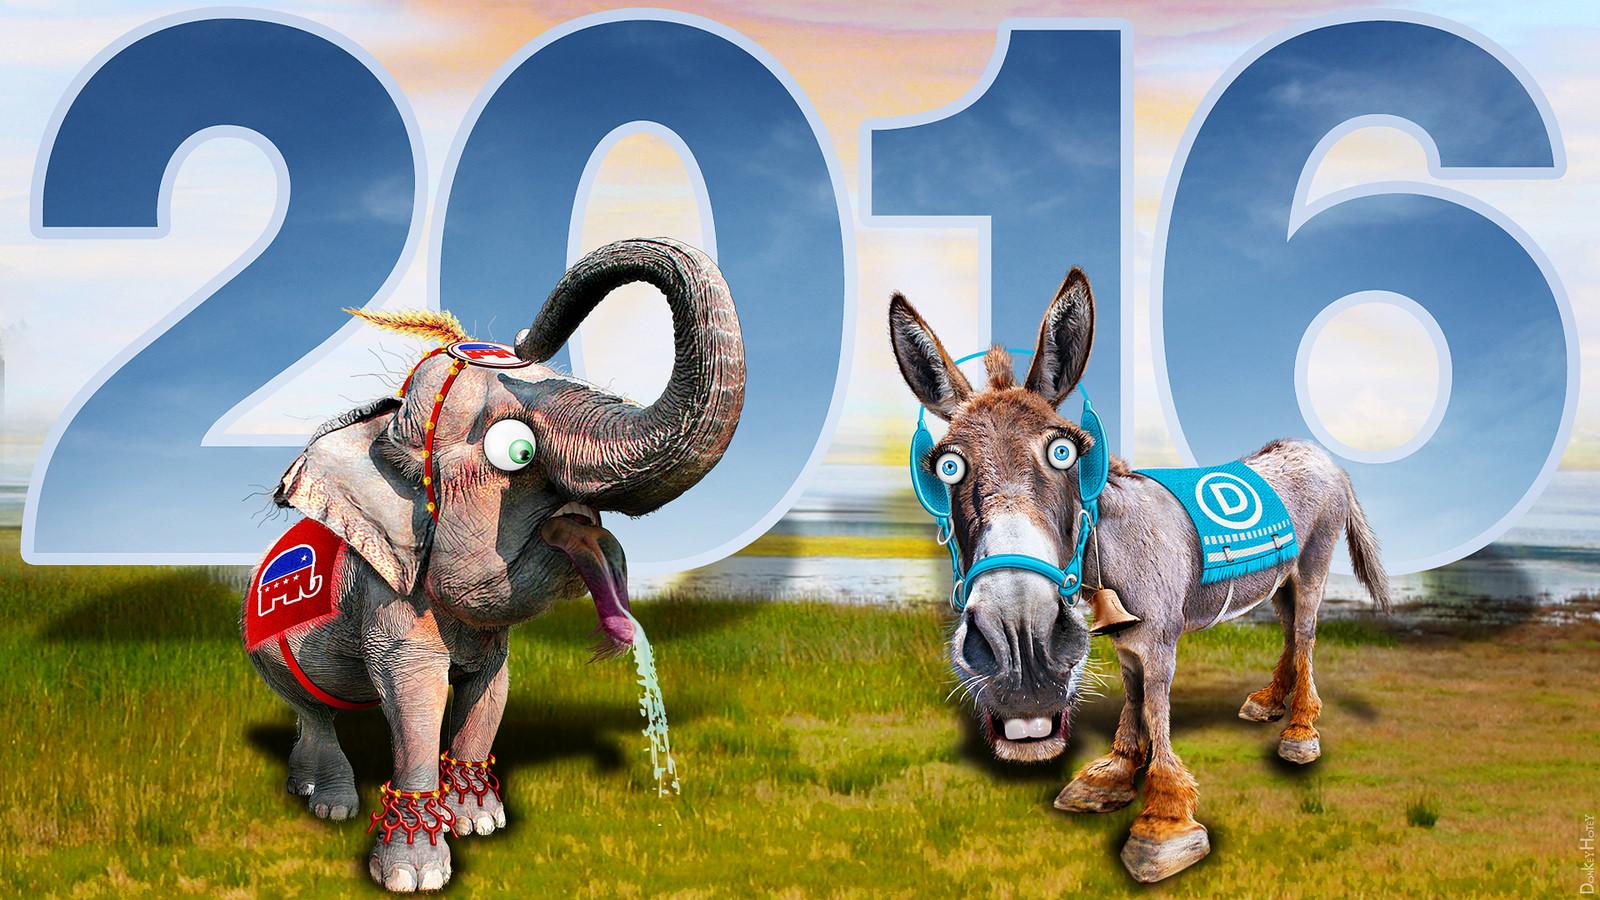 공화당의 상징 코끼리와 민주당의 상징 당나귀 (출처: DonkeyHotey, Republican Elephant & Democratic Donkey 2016, CC BY SA) https://flic.kr/p/rfqjvv